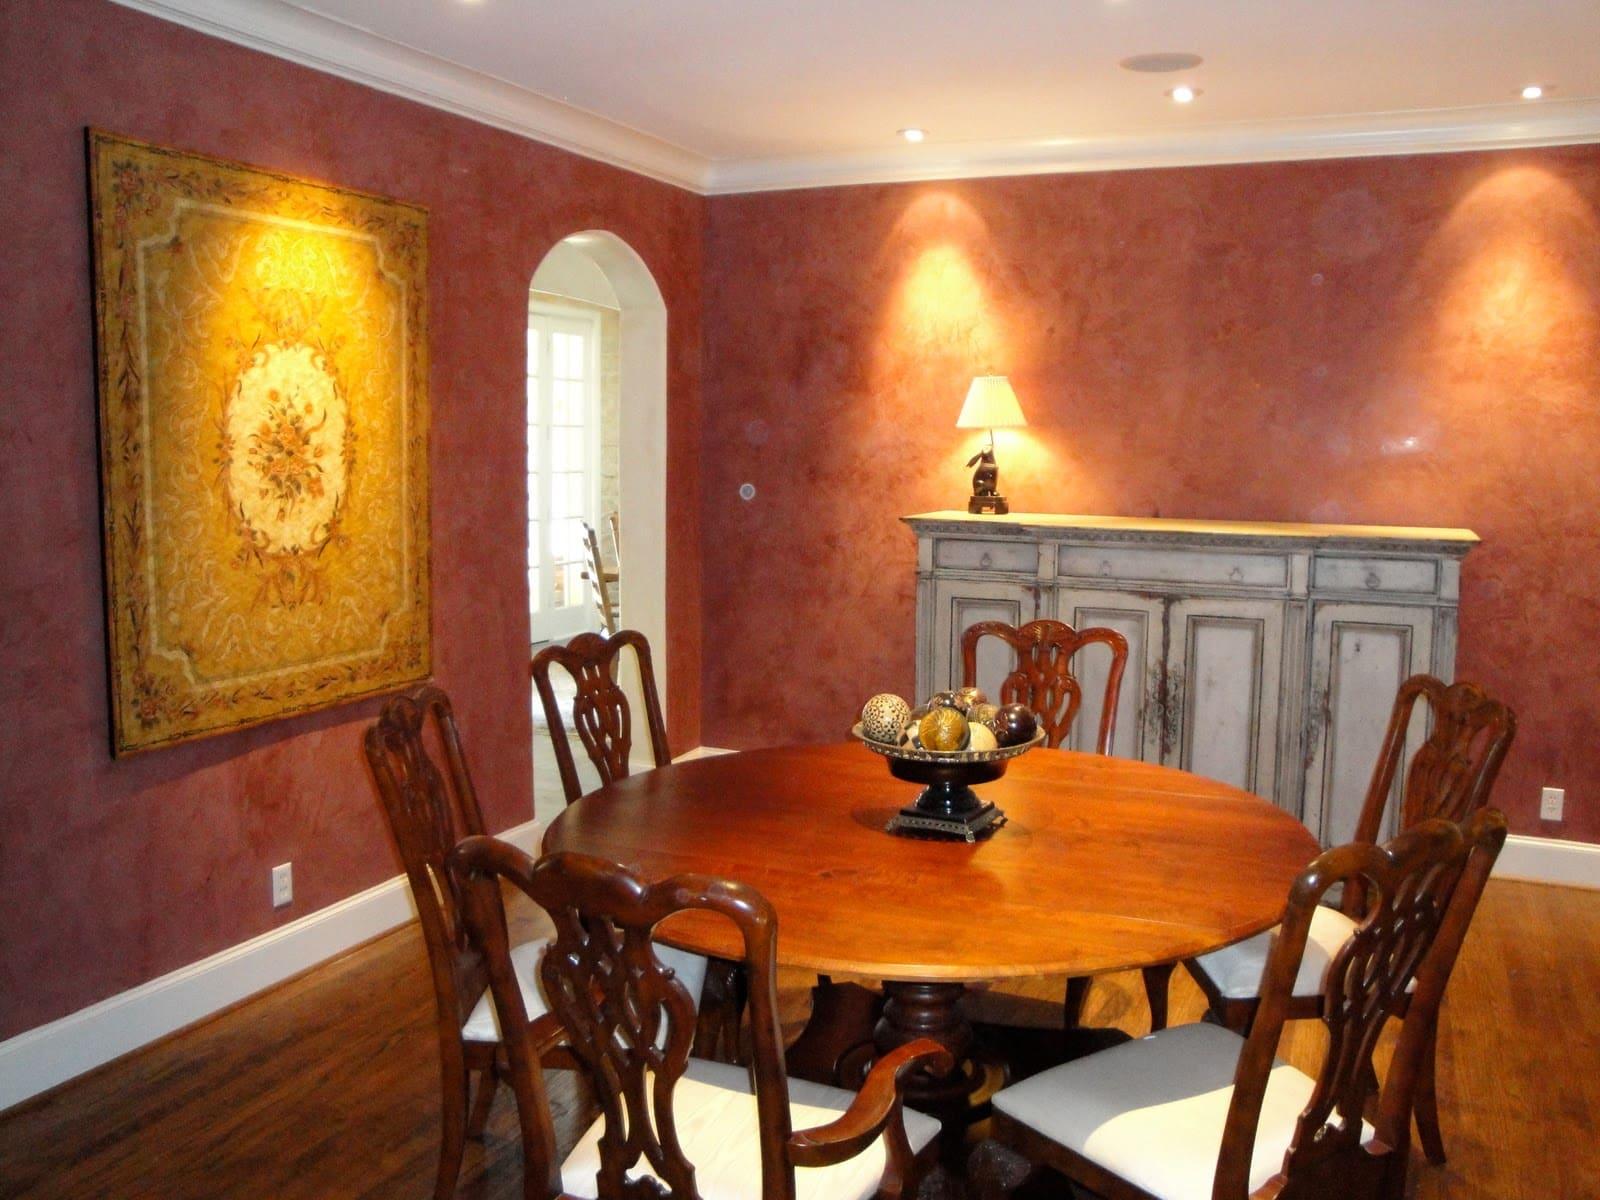 Декоративная штукатурка - лучшие красивые варианты отделки стен в интерьере 094